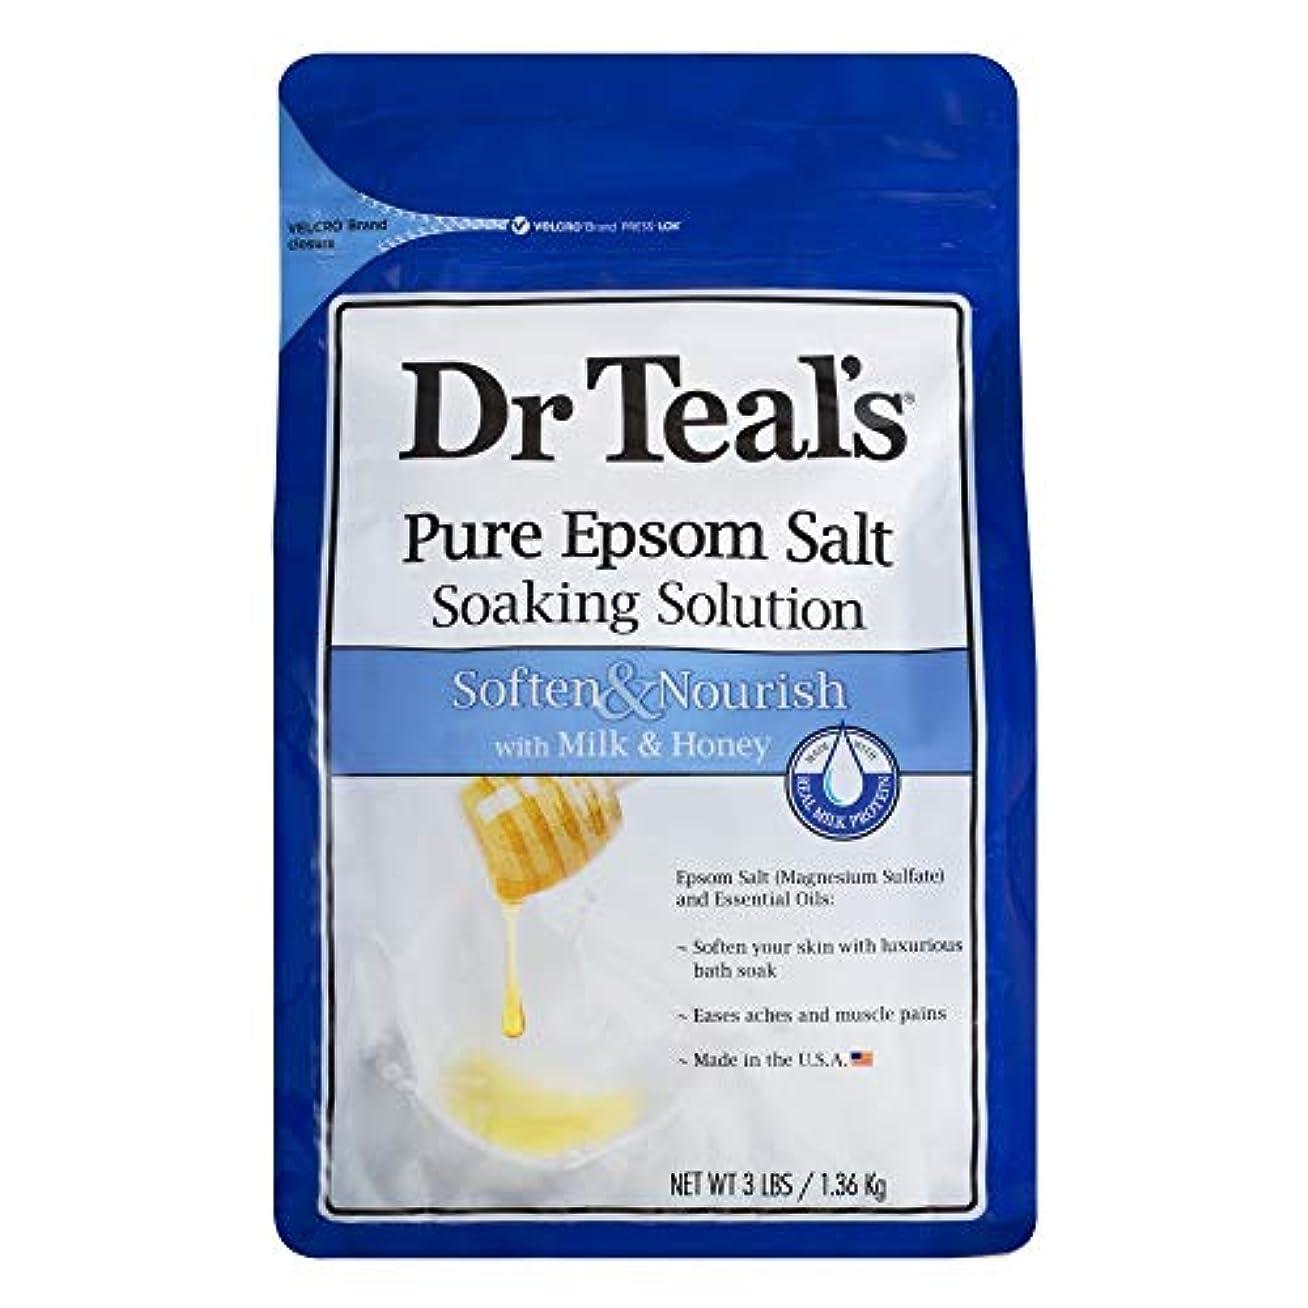 賞賛矩形小包Dr Teal's Epsom Salt Soaking Solution, Soften & Nourish, Milk and Honey, 3lbs